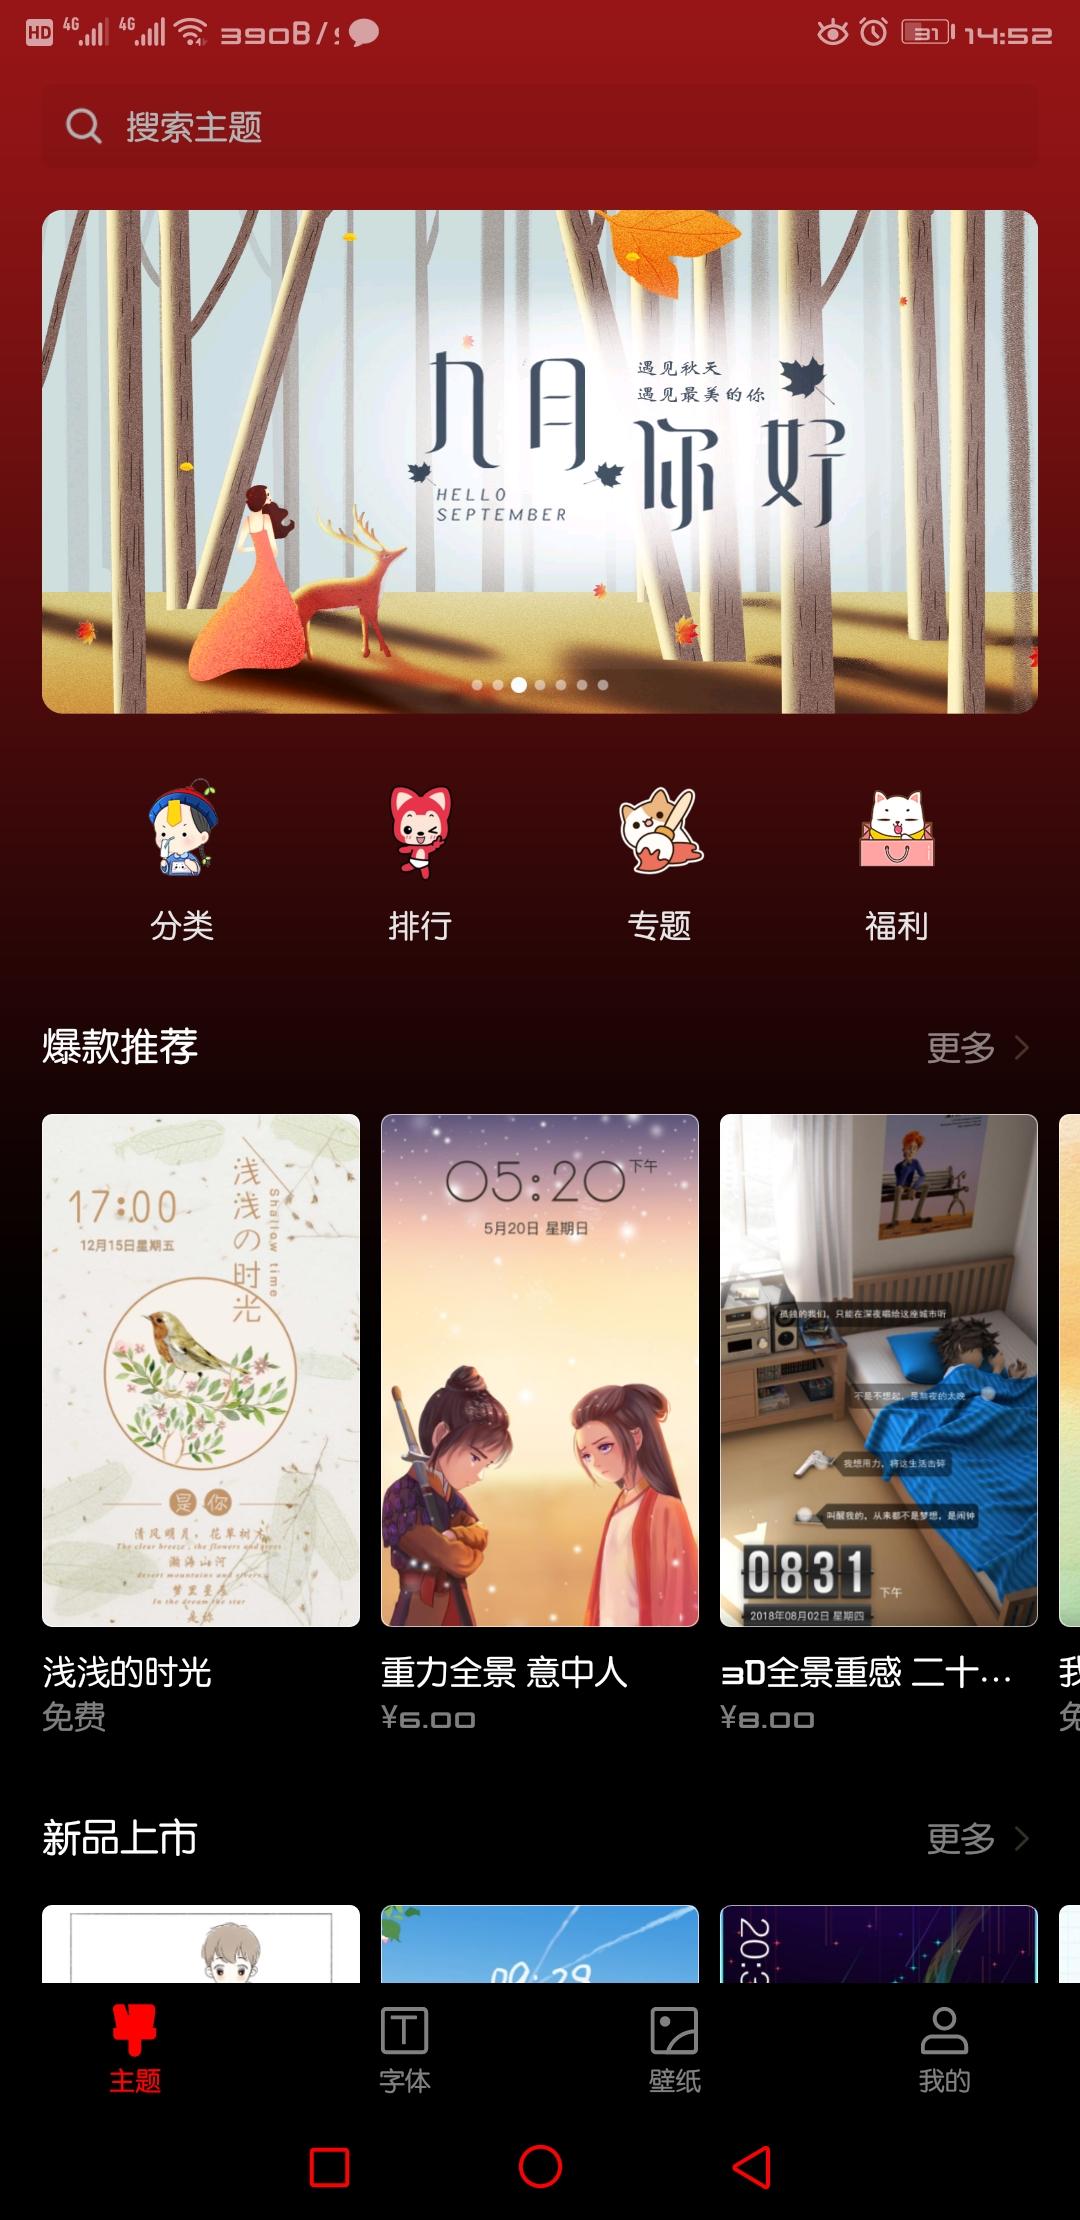 resScreenshot_20180908-145205.jpg